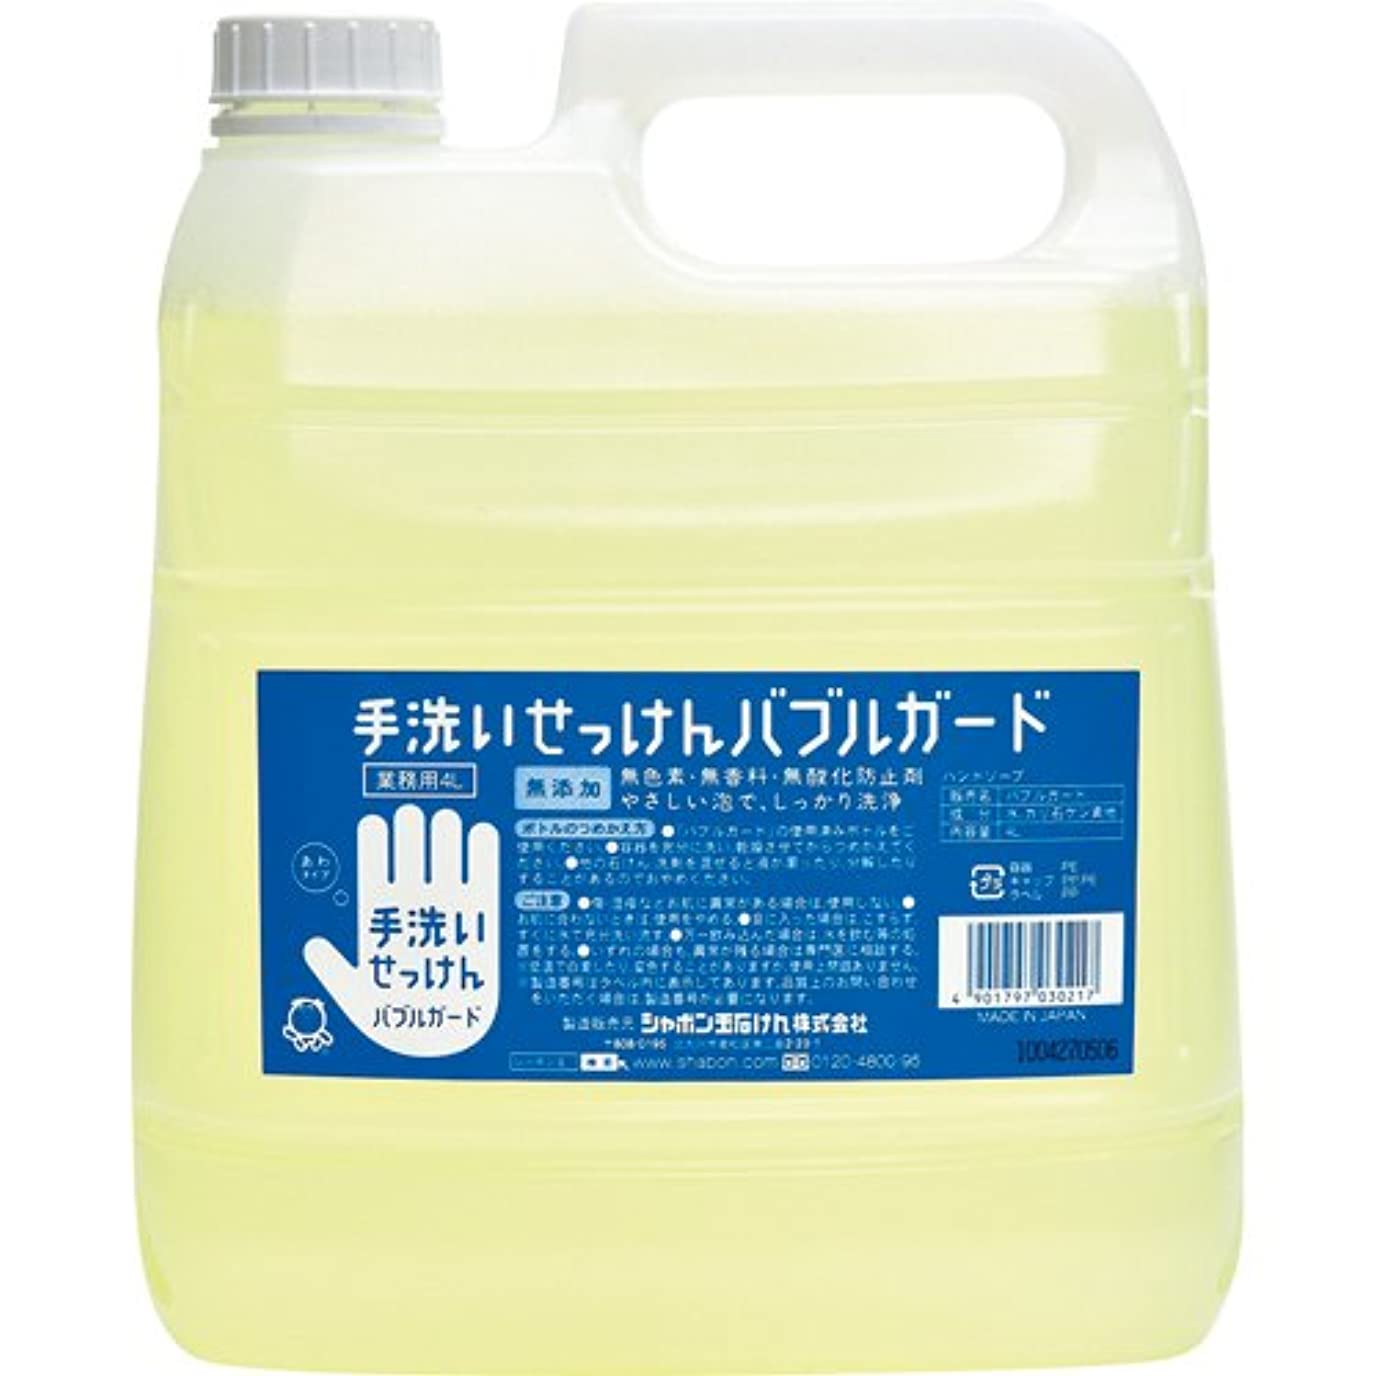 つまらない唯物論見て[シャボン玉石けん 1692542] (ケア商品)手洗いせっけん バブルガード 泡タイプ 業務用 4L